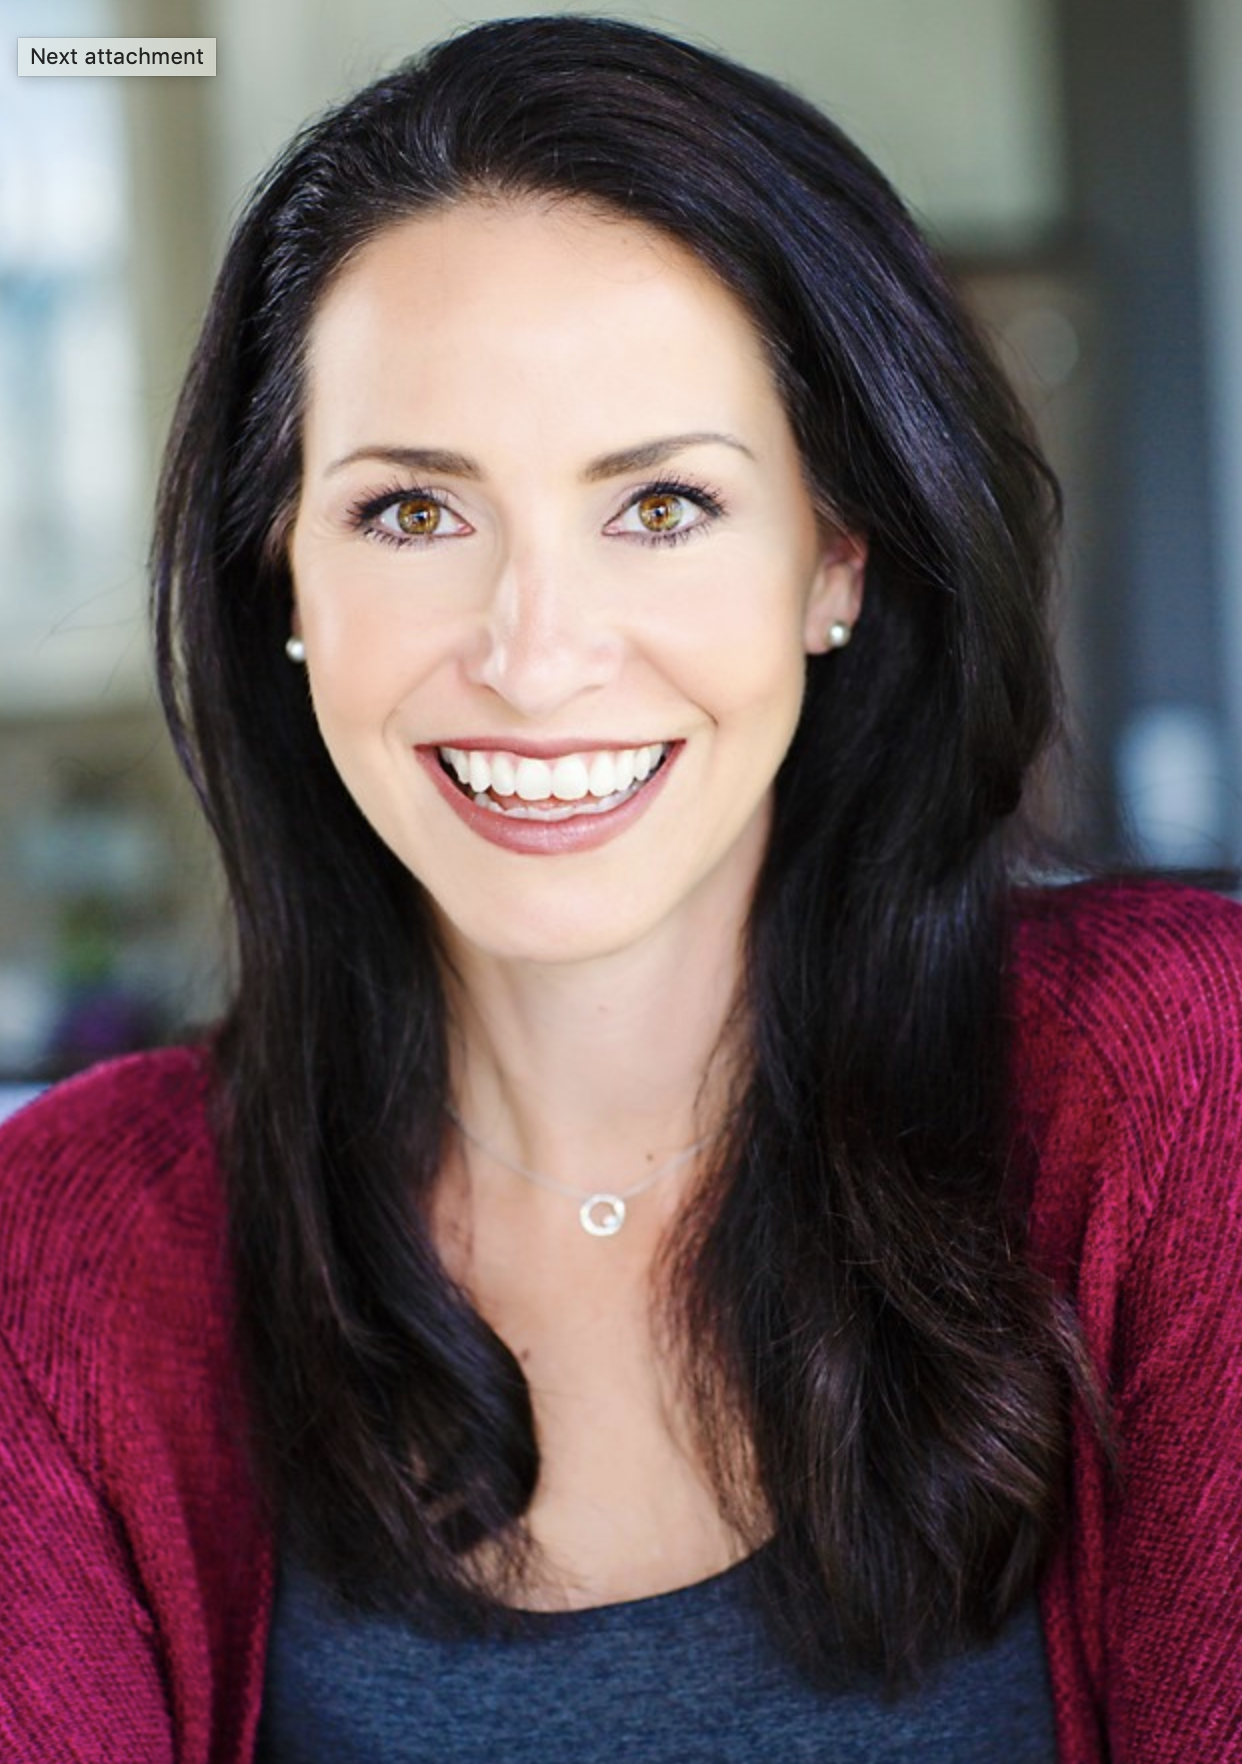 Anita J. | Actress + Spokesperson